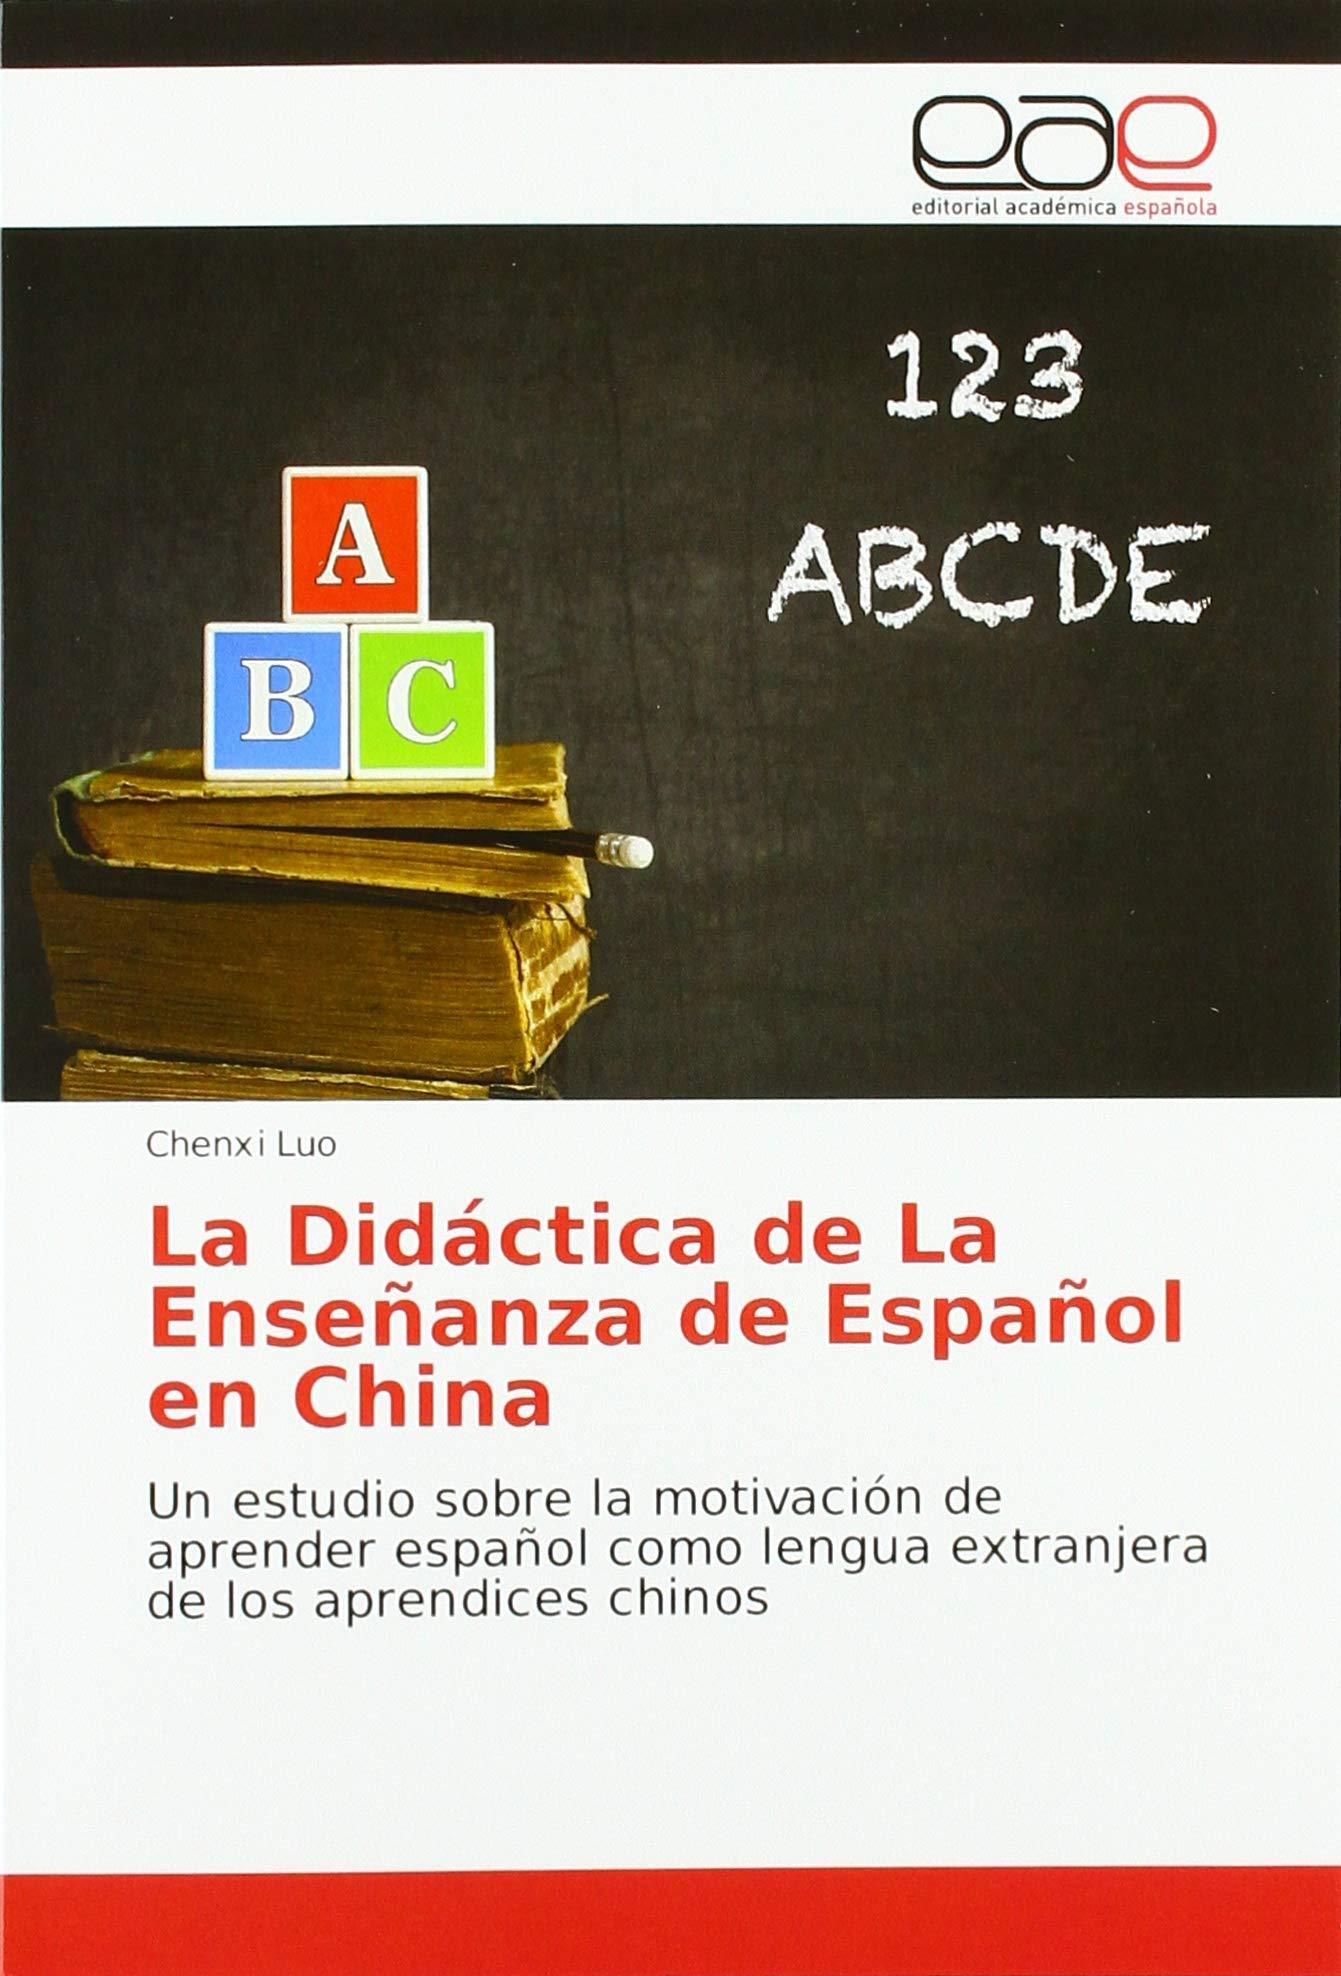 La Didáctica de La Enseñanza de Español en China: Un estudio sobre la motivación de aprender español como lengua extranjera de los aprendices chinos